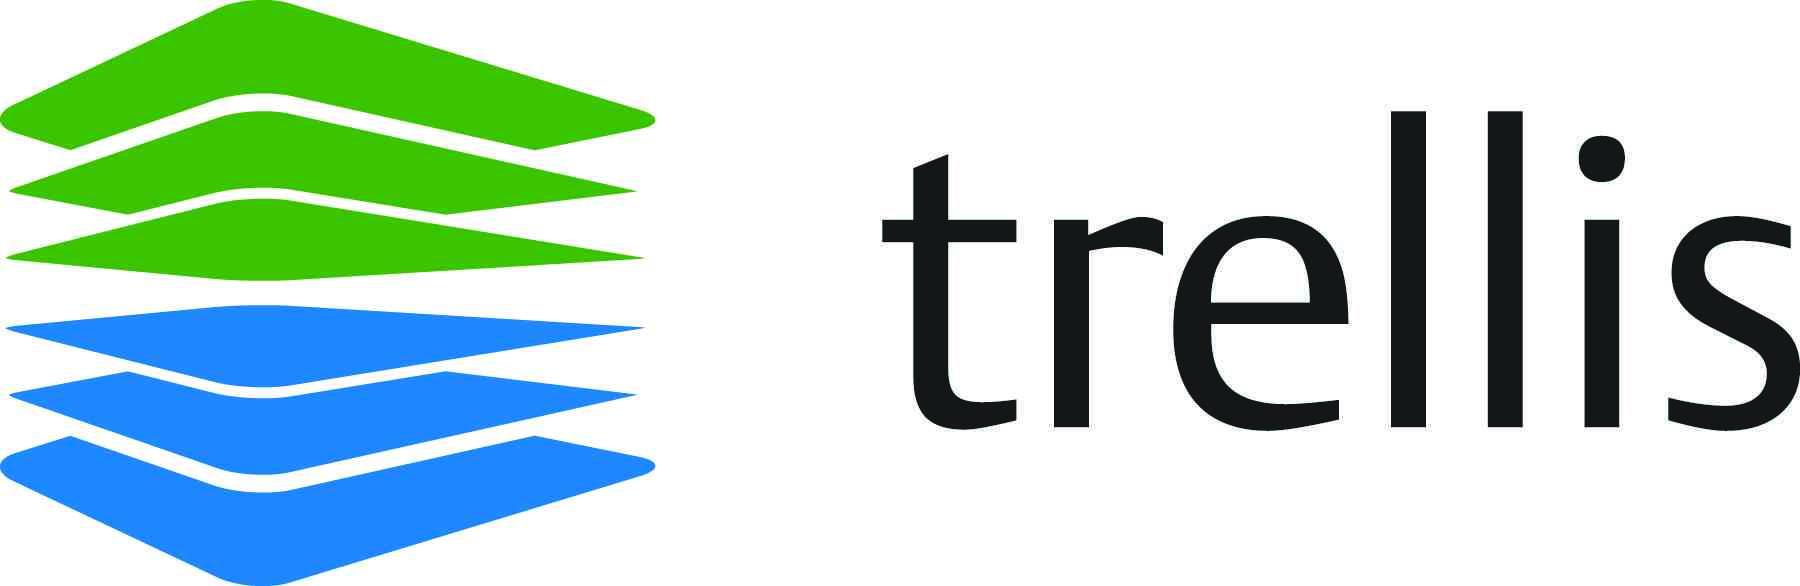 trellis logo - Emerson Network Power bổ sung nhiều tính năng cho nền tảng Trellis™